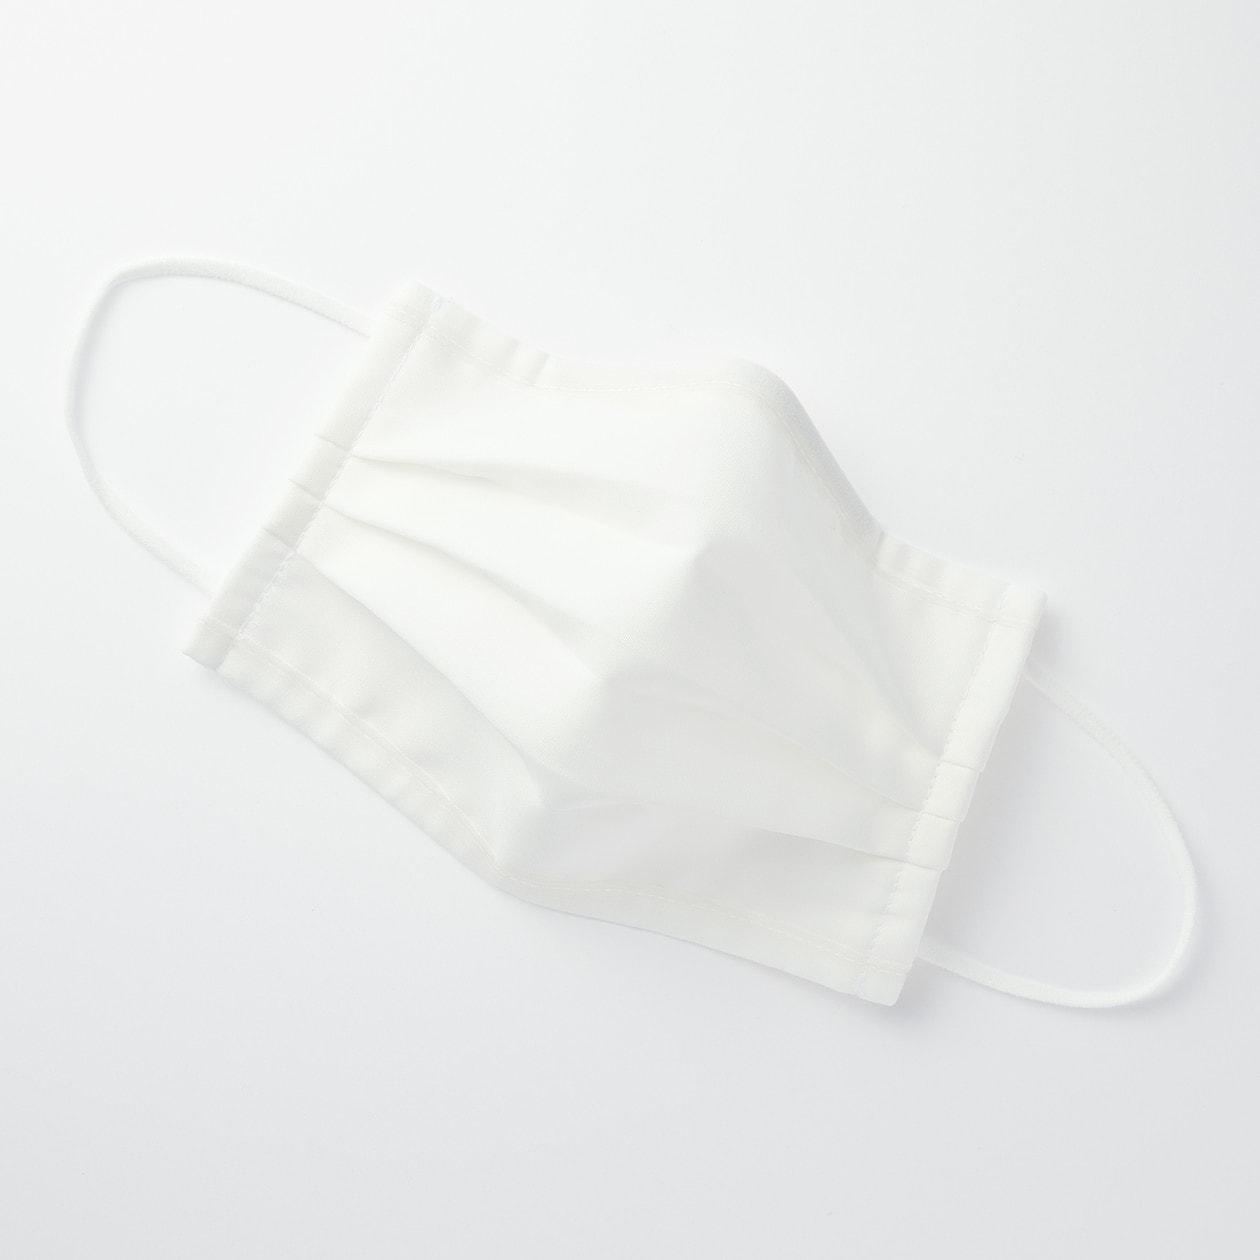 S1100228 | マスク